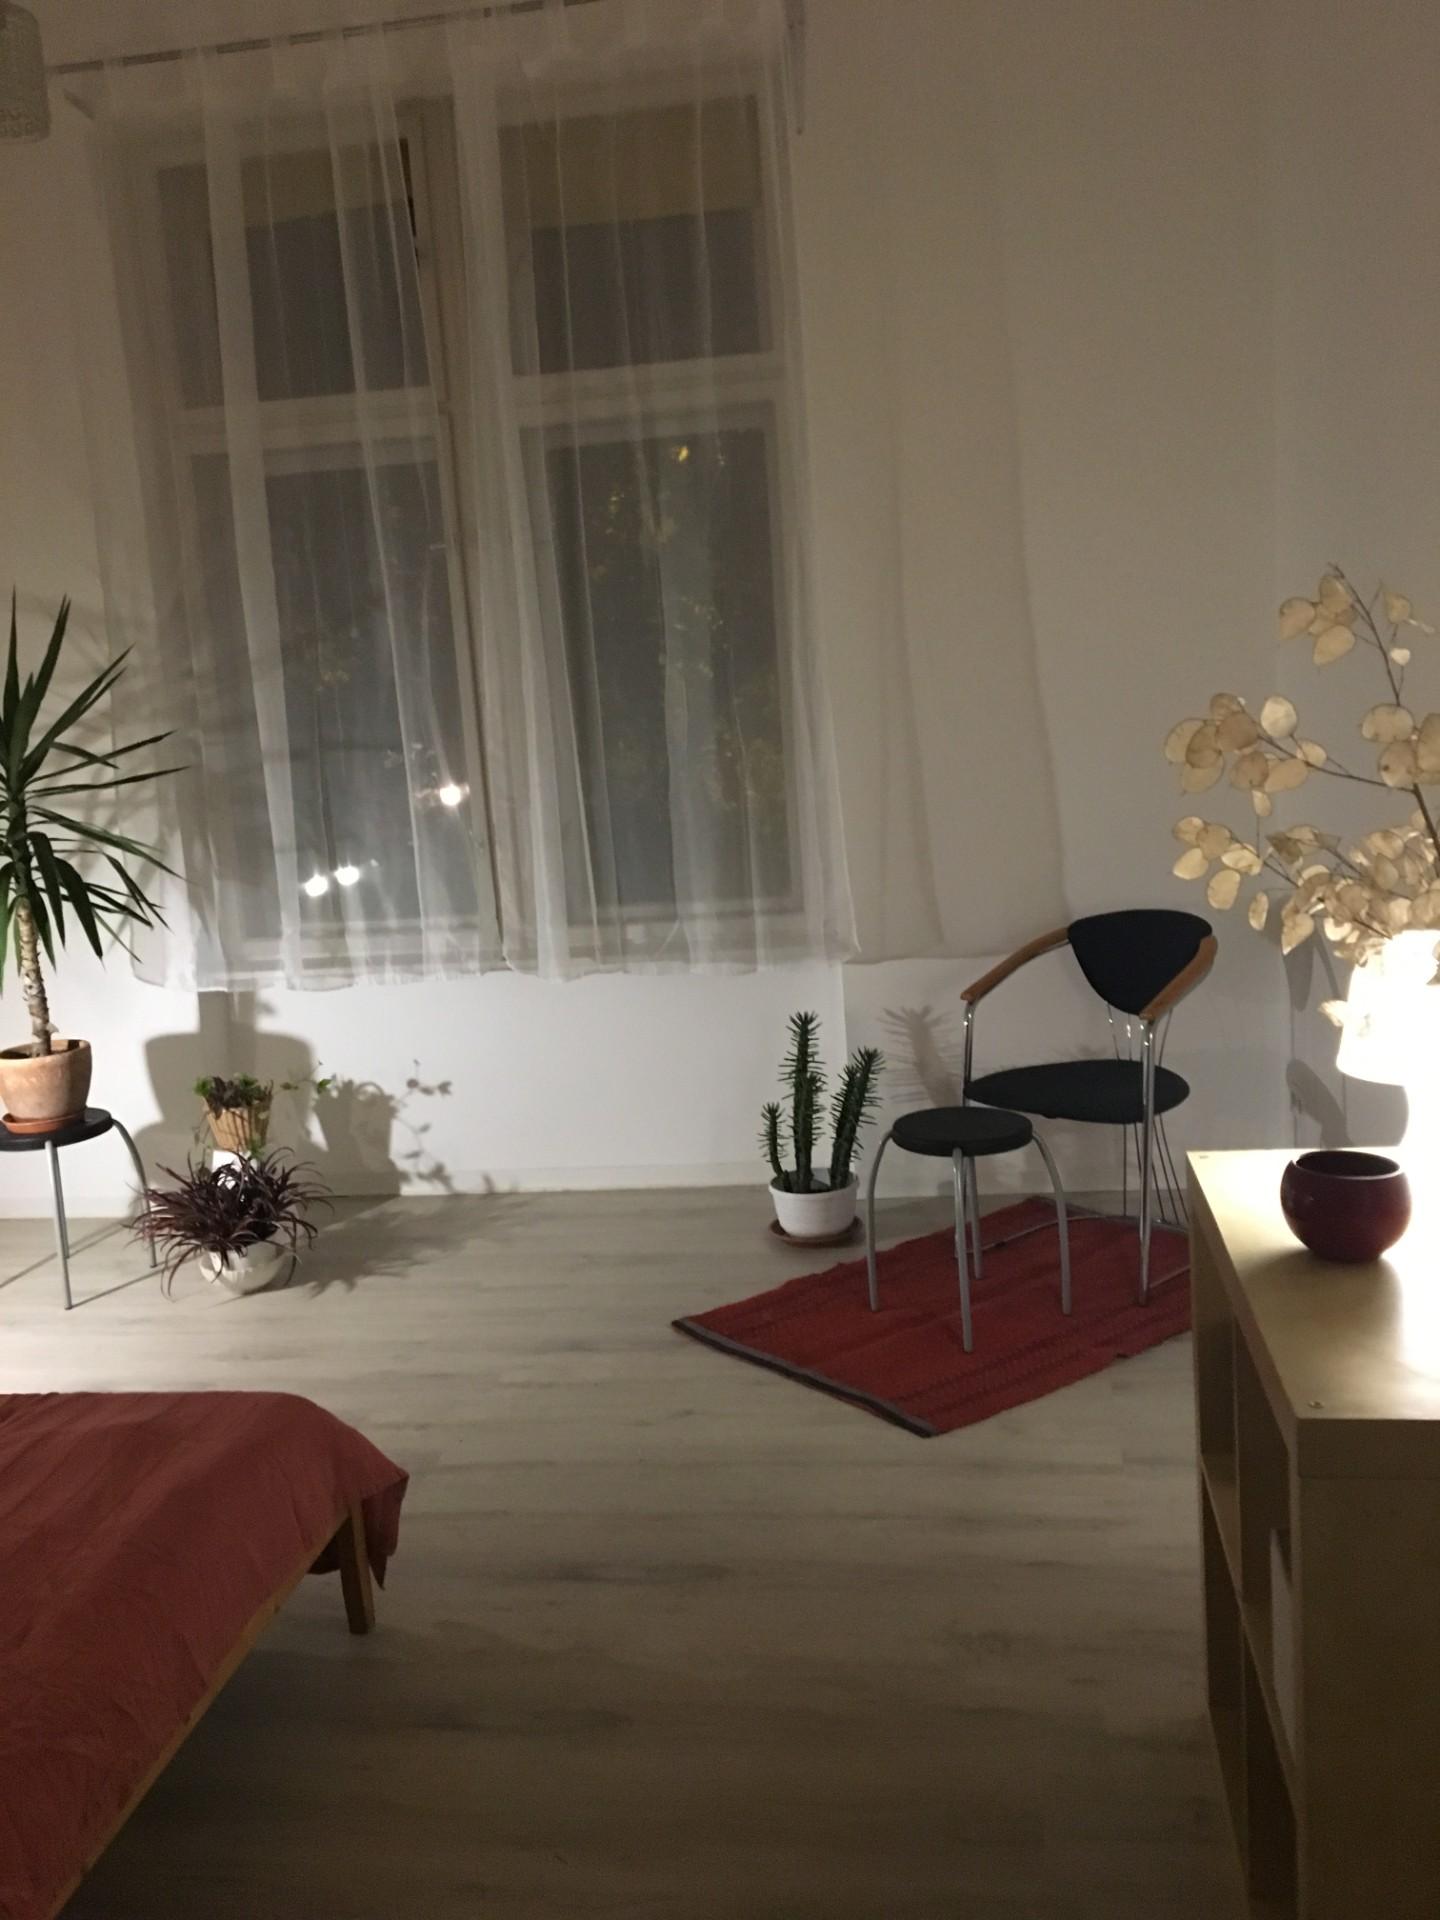 Kiadó lakás Diószegi Sámuel utca